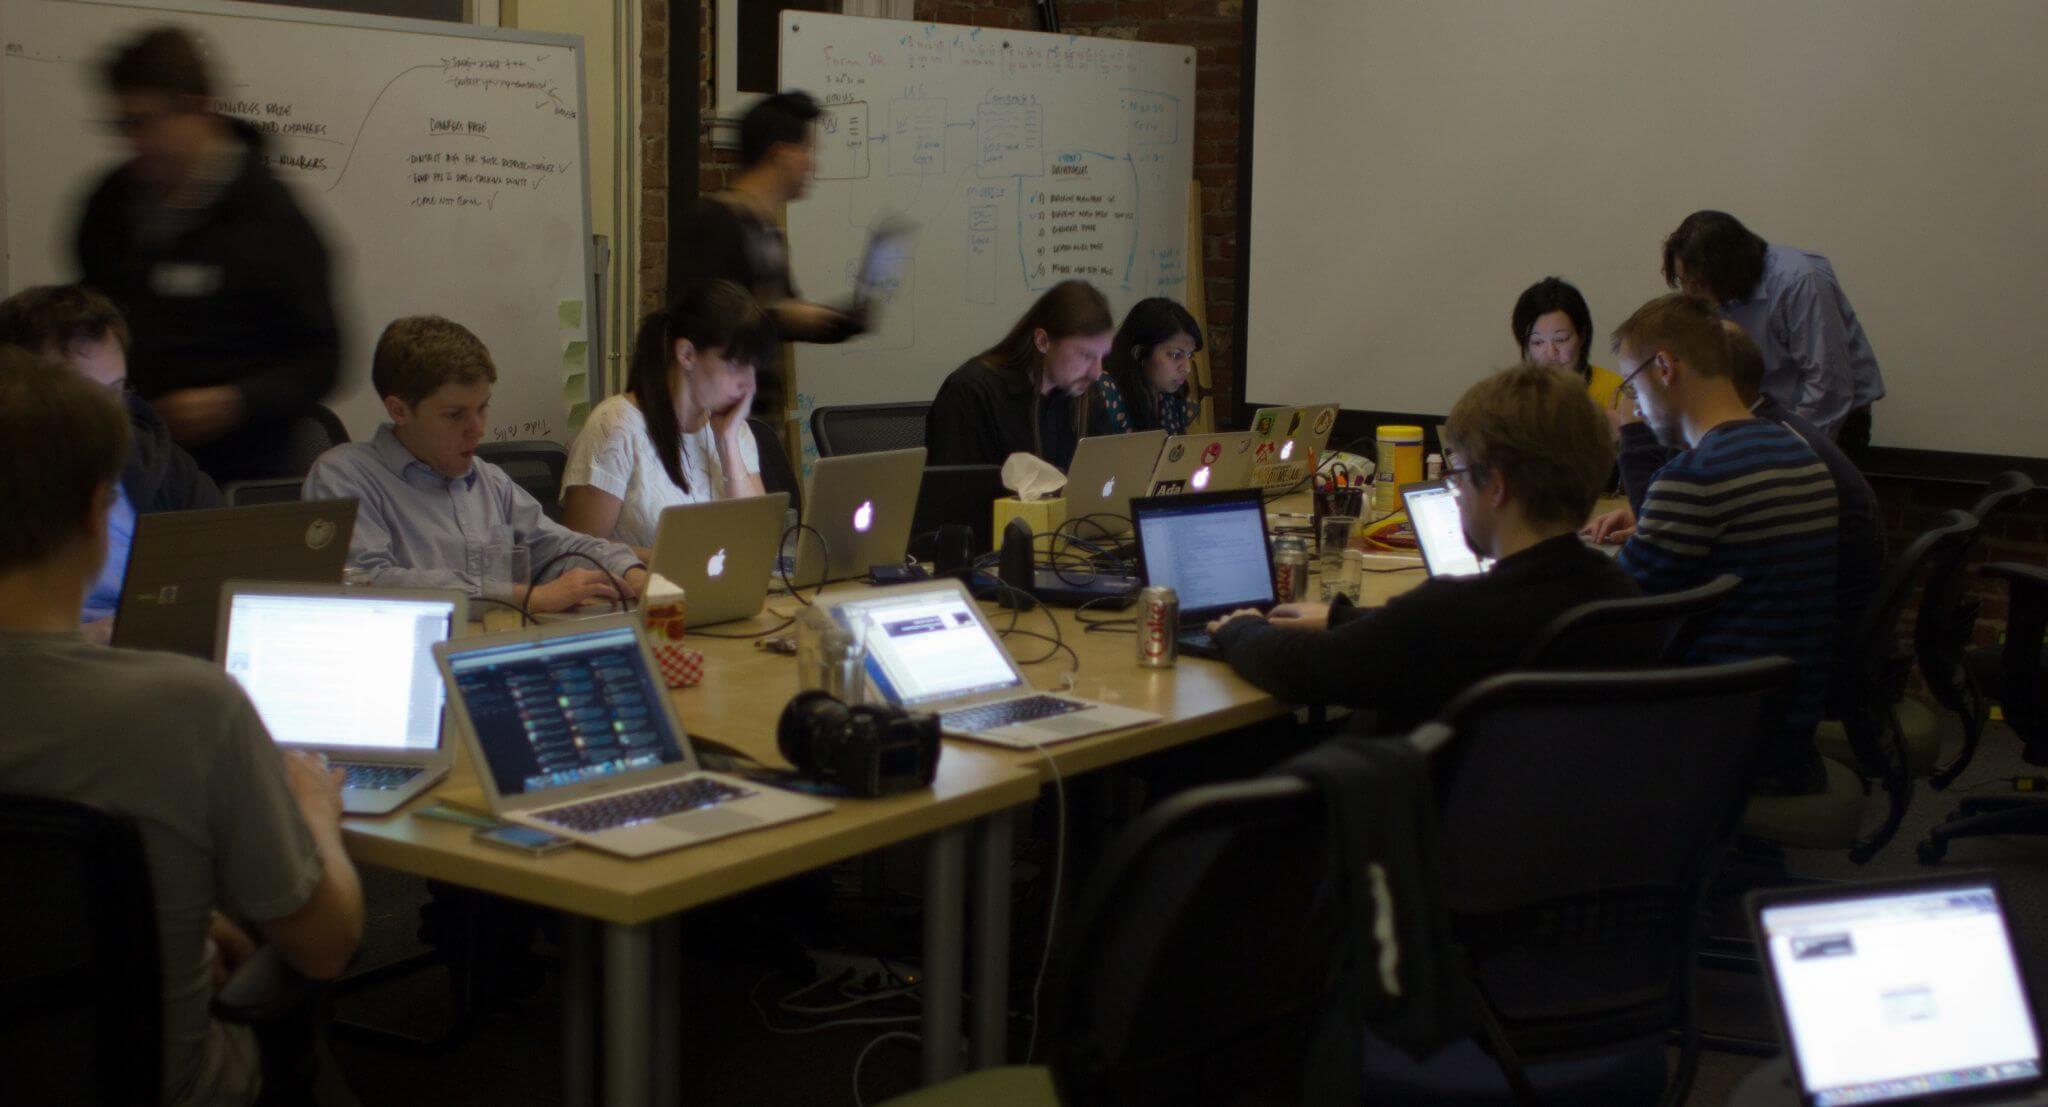 Doria investe em softwares que ajudam a aumentar sua influência digital